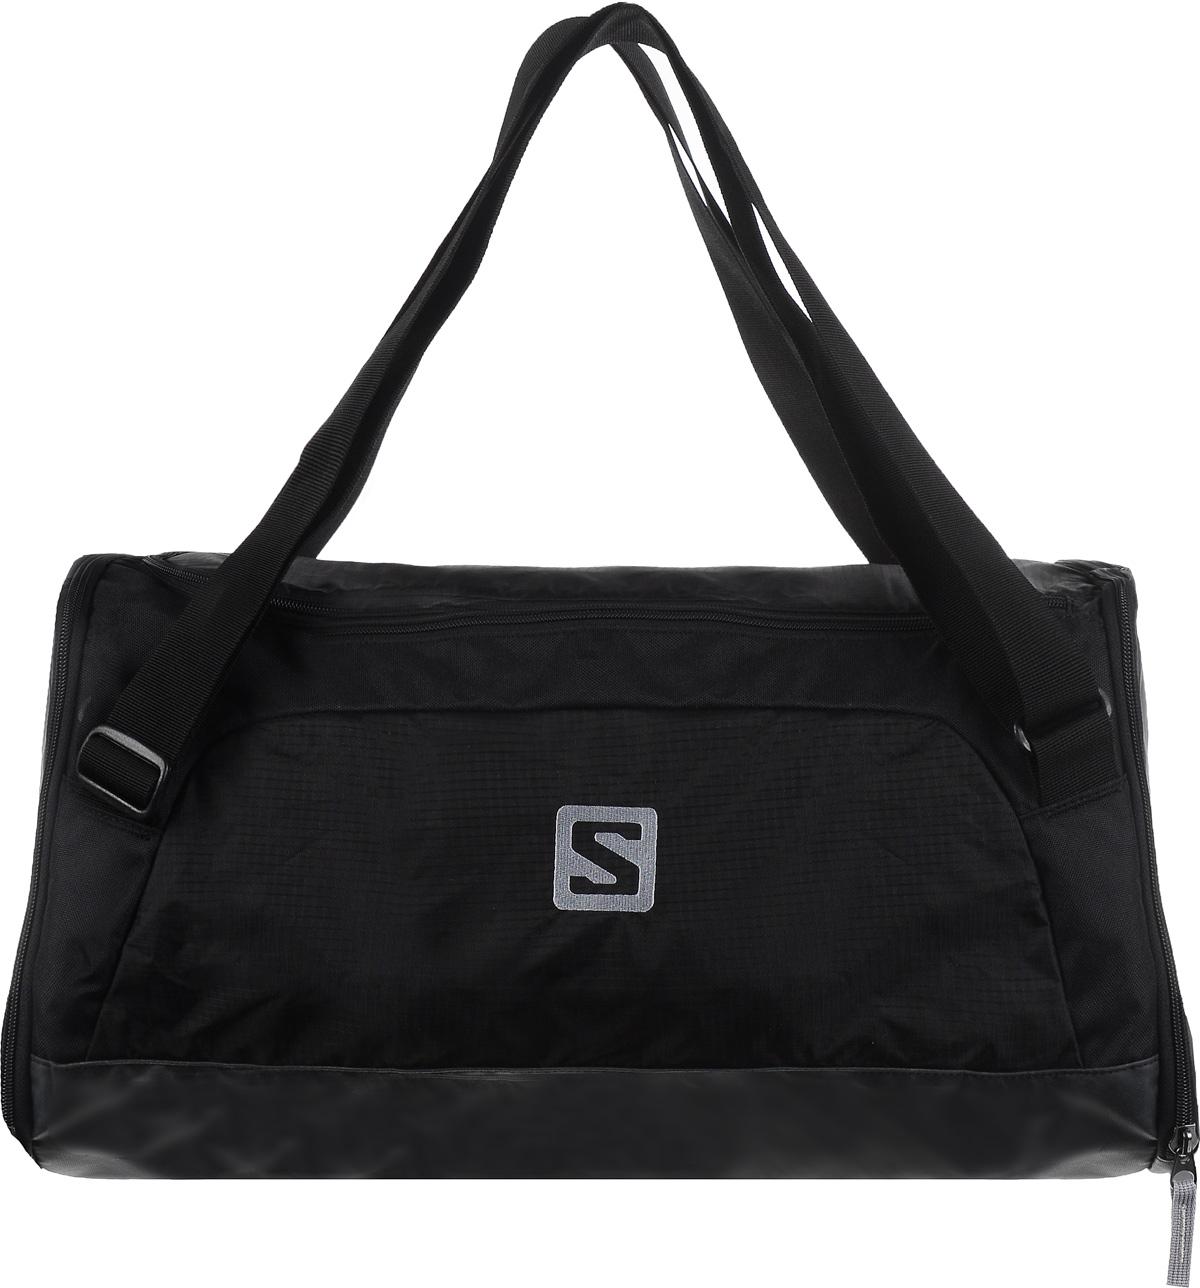 Сумка спортивная Salomon Sports, цвет: черный, 40 лL32864600Практичная спортивная сумка Salomon Sports выполнена из износостойкого нейлона. Изделие содержит одно основное отделение, закрывающееся клапаном на молнию с двумя бегунками. Внутри сумки расположен врезной карман на застежке-молнии. По бокам сумки расположено два вместительных прорезных кармана, каждый из которых закрывается на застежку-молнию. В них можно носить влажные вещи благодаря непромокаемому материалу. Один из карманов имеет сетчатую вставку, обеспечивающую вентиляцию. Дно изделия дополнено вставкой из прочного пластика. Сумка оснащена двумя практичными ручками регулируемой длины, что позволит носить ее как в руках, так и на плече. Стильная спортивная сумка станет незаменимым аксессуаром, который вместит в себя все необходимое.